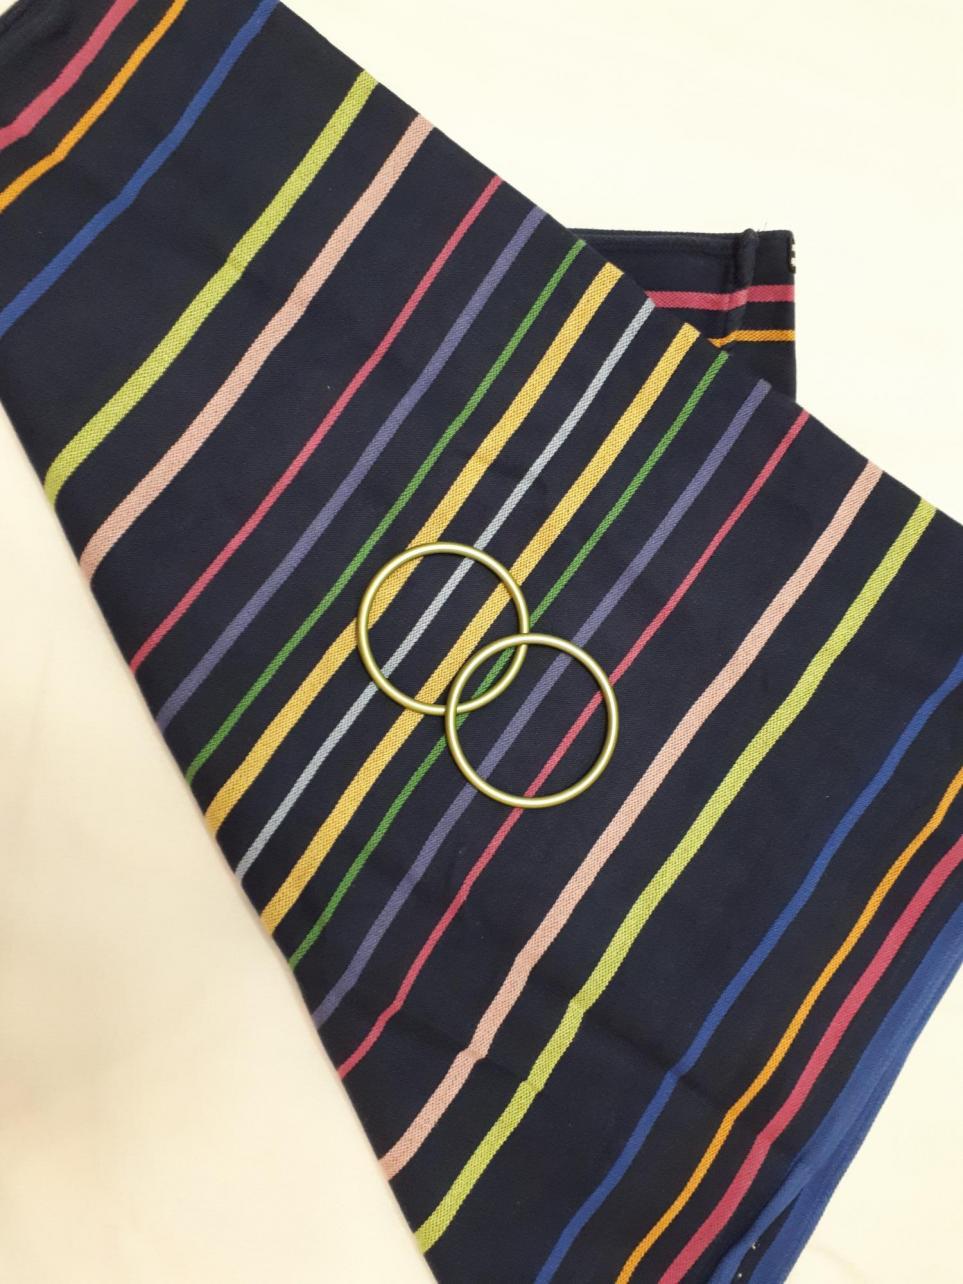 Диди Лиза. Носили и как ССК со вставленными кольцами и как коротыш, но не часто. Состояние аккуратно разношенного шарфика.